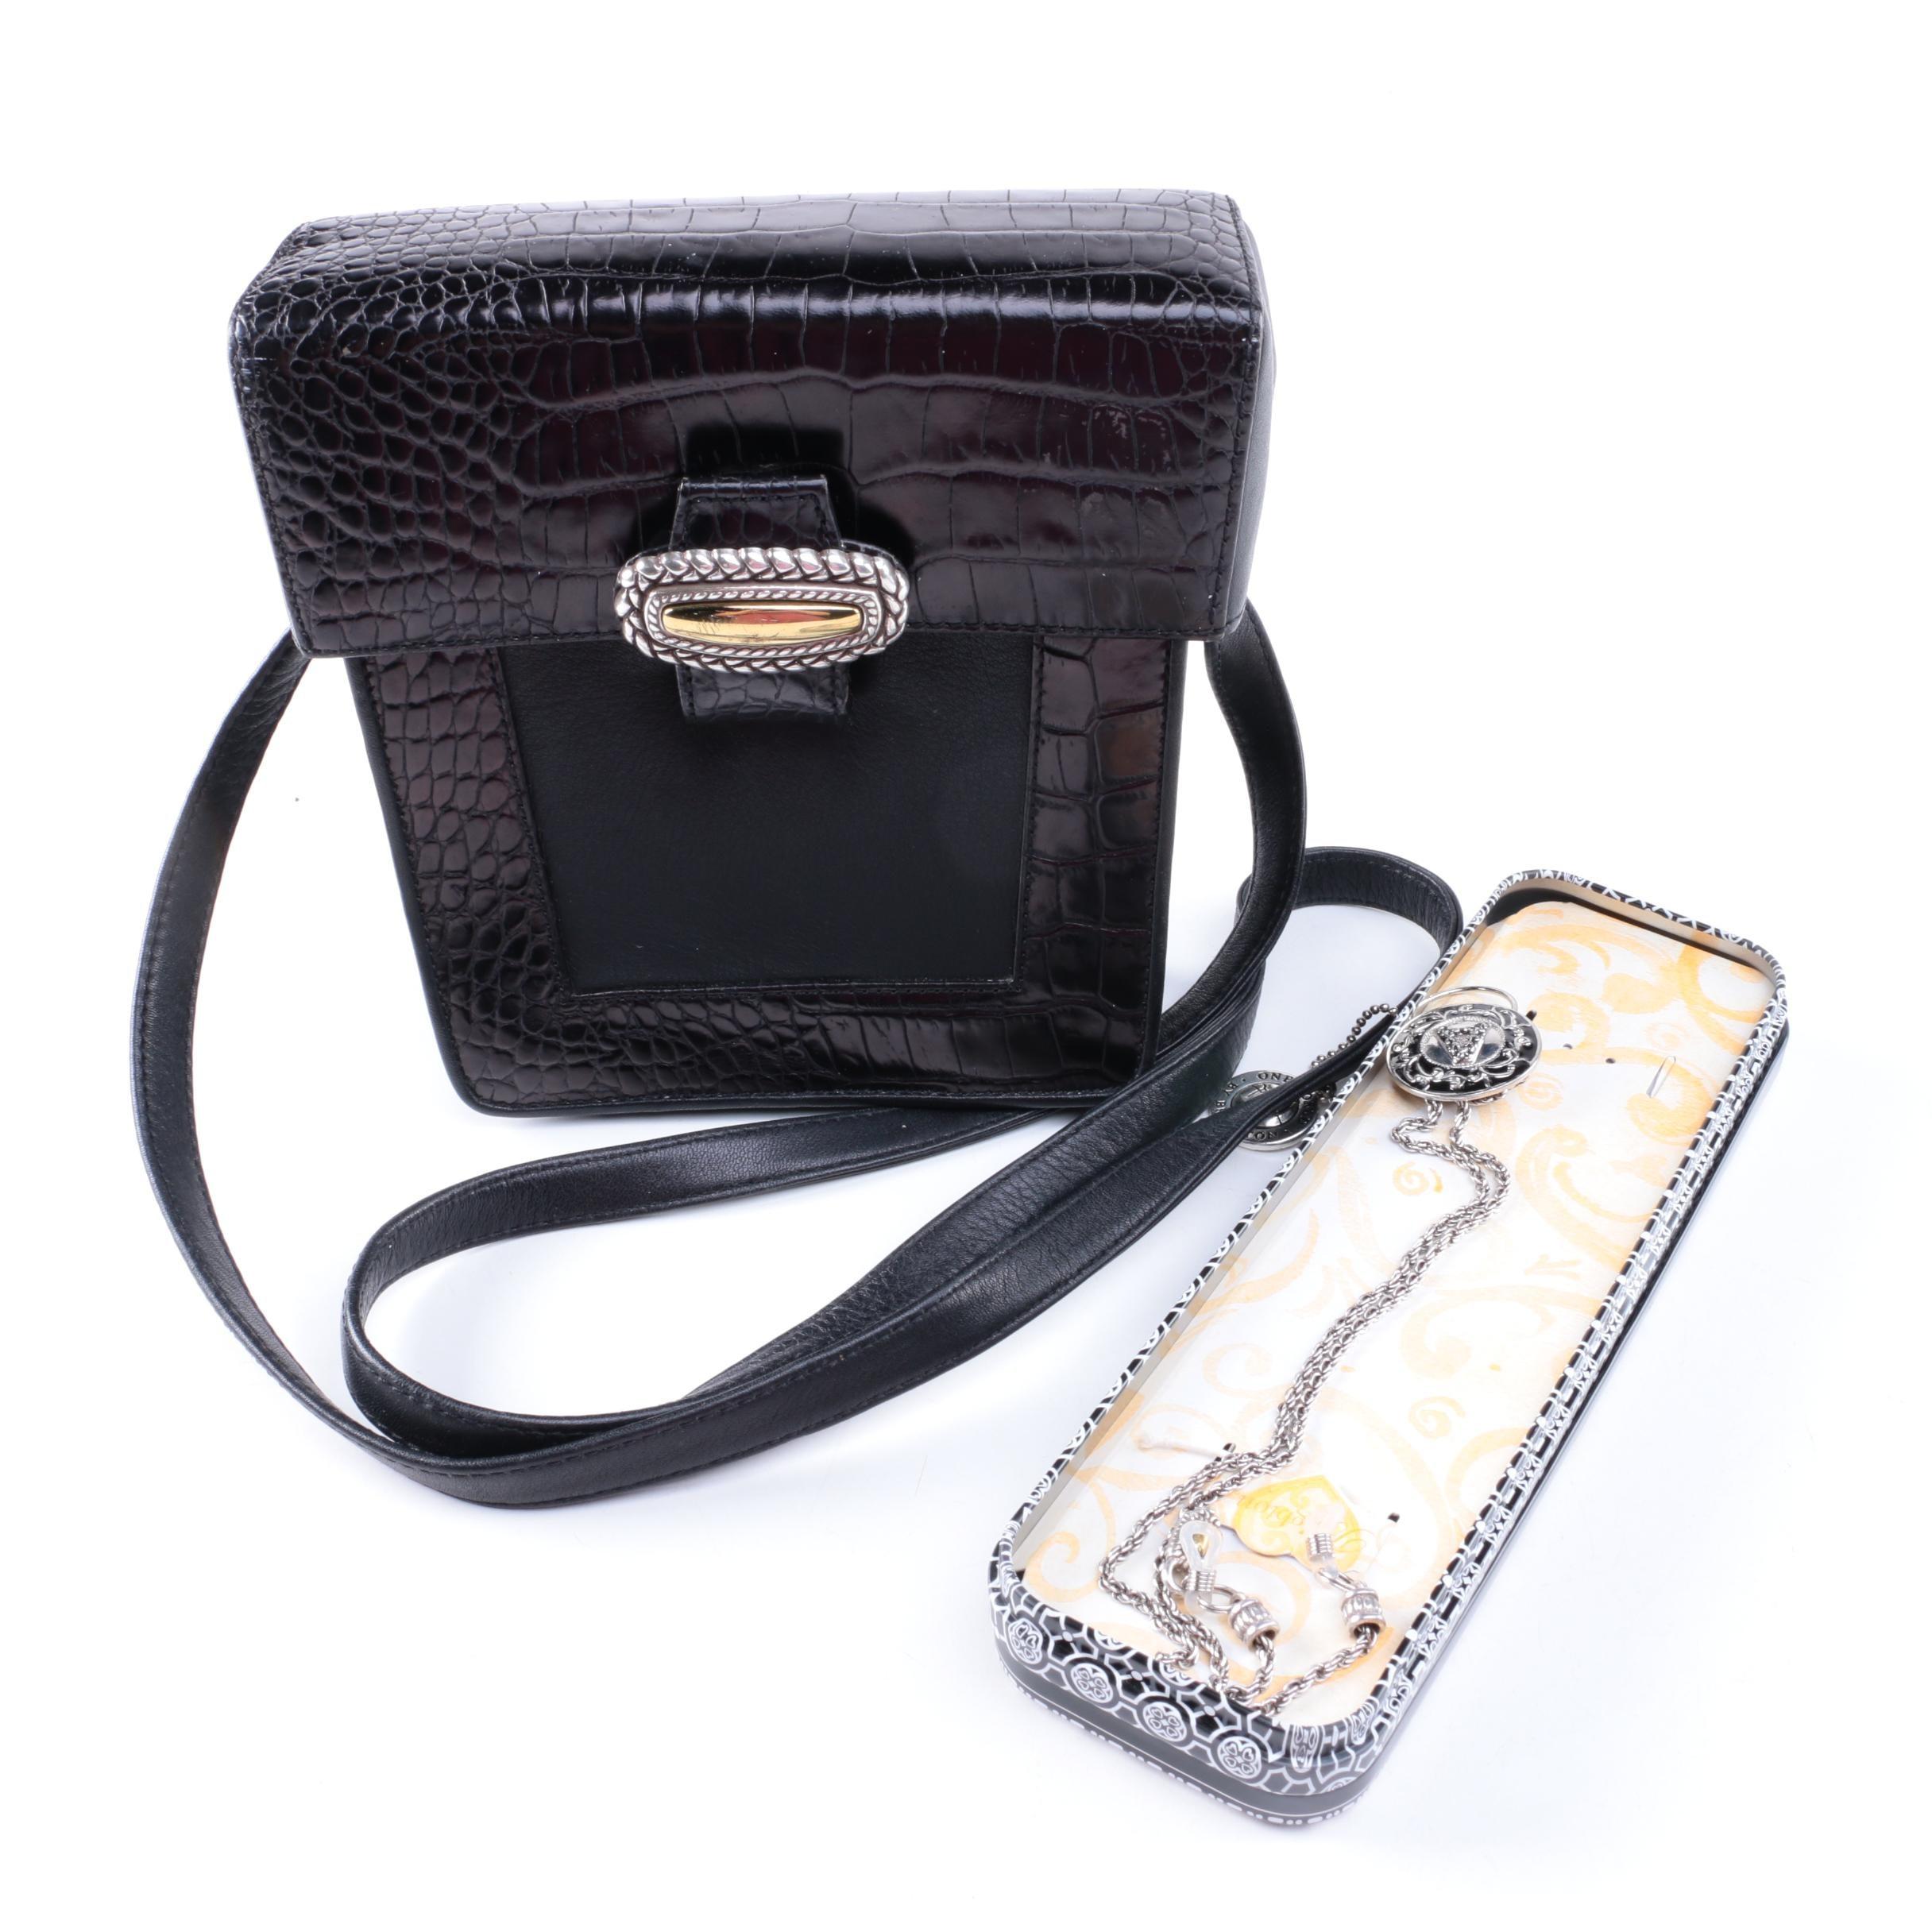 Brighton Handbag and Accessories